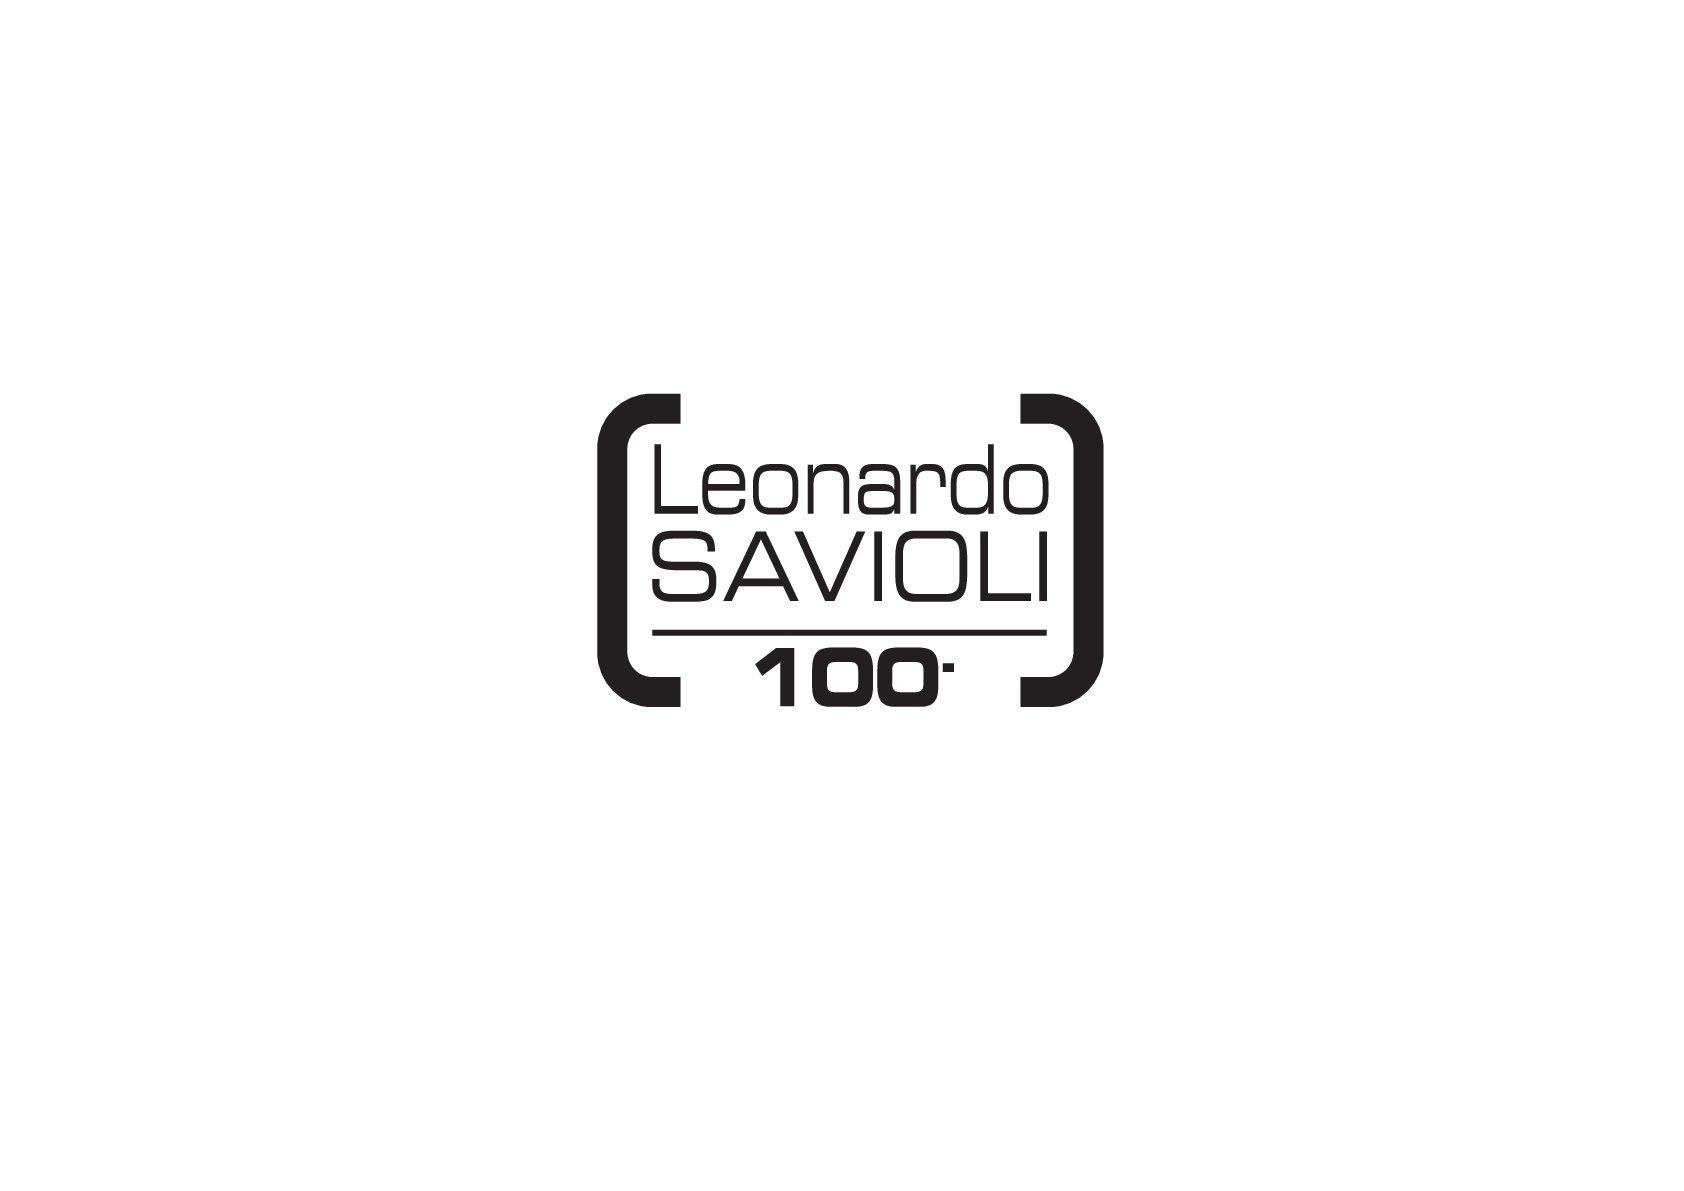 SAVIOLI100 logo 001